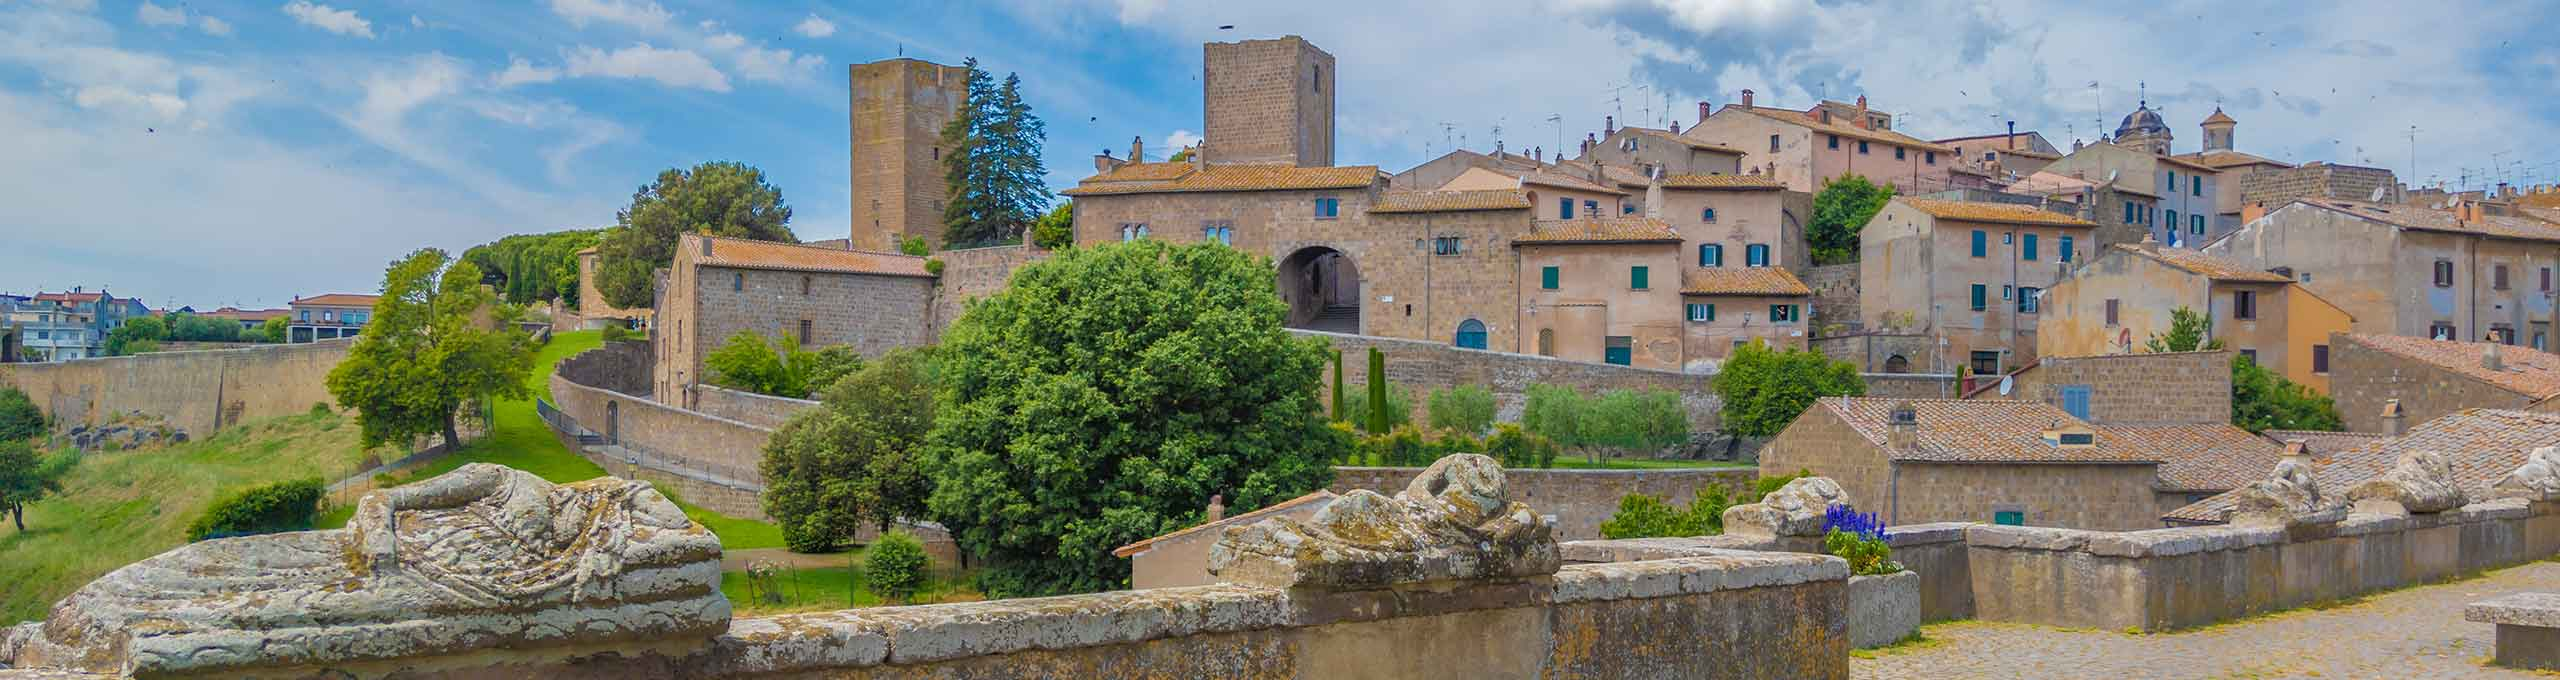 Viterbo, borgo medievale etrusco